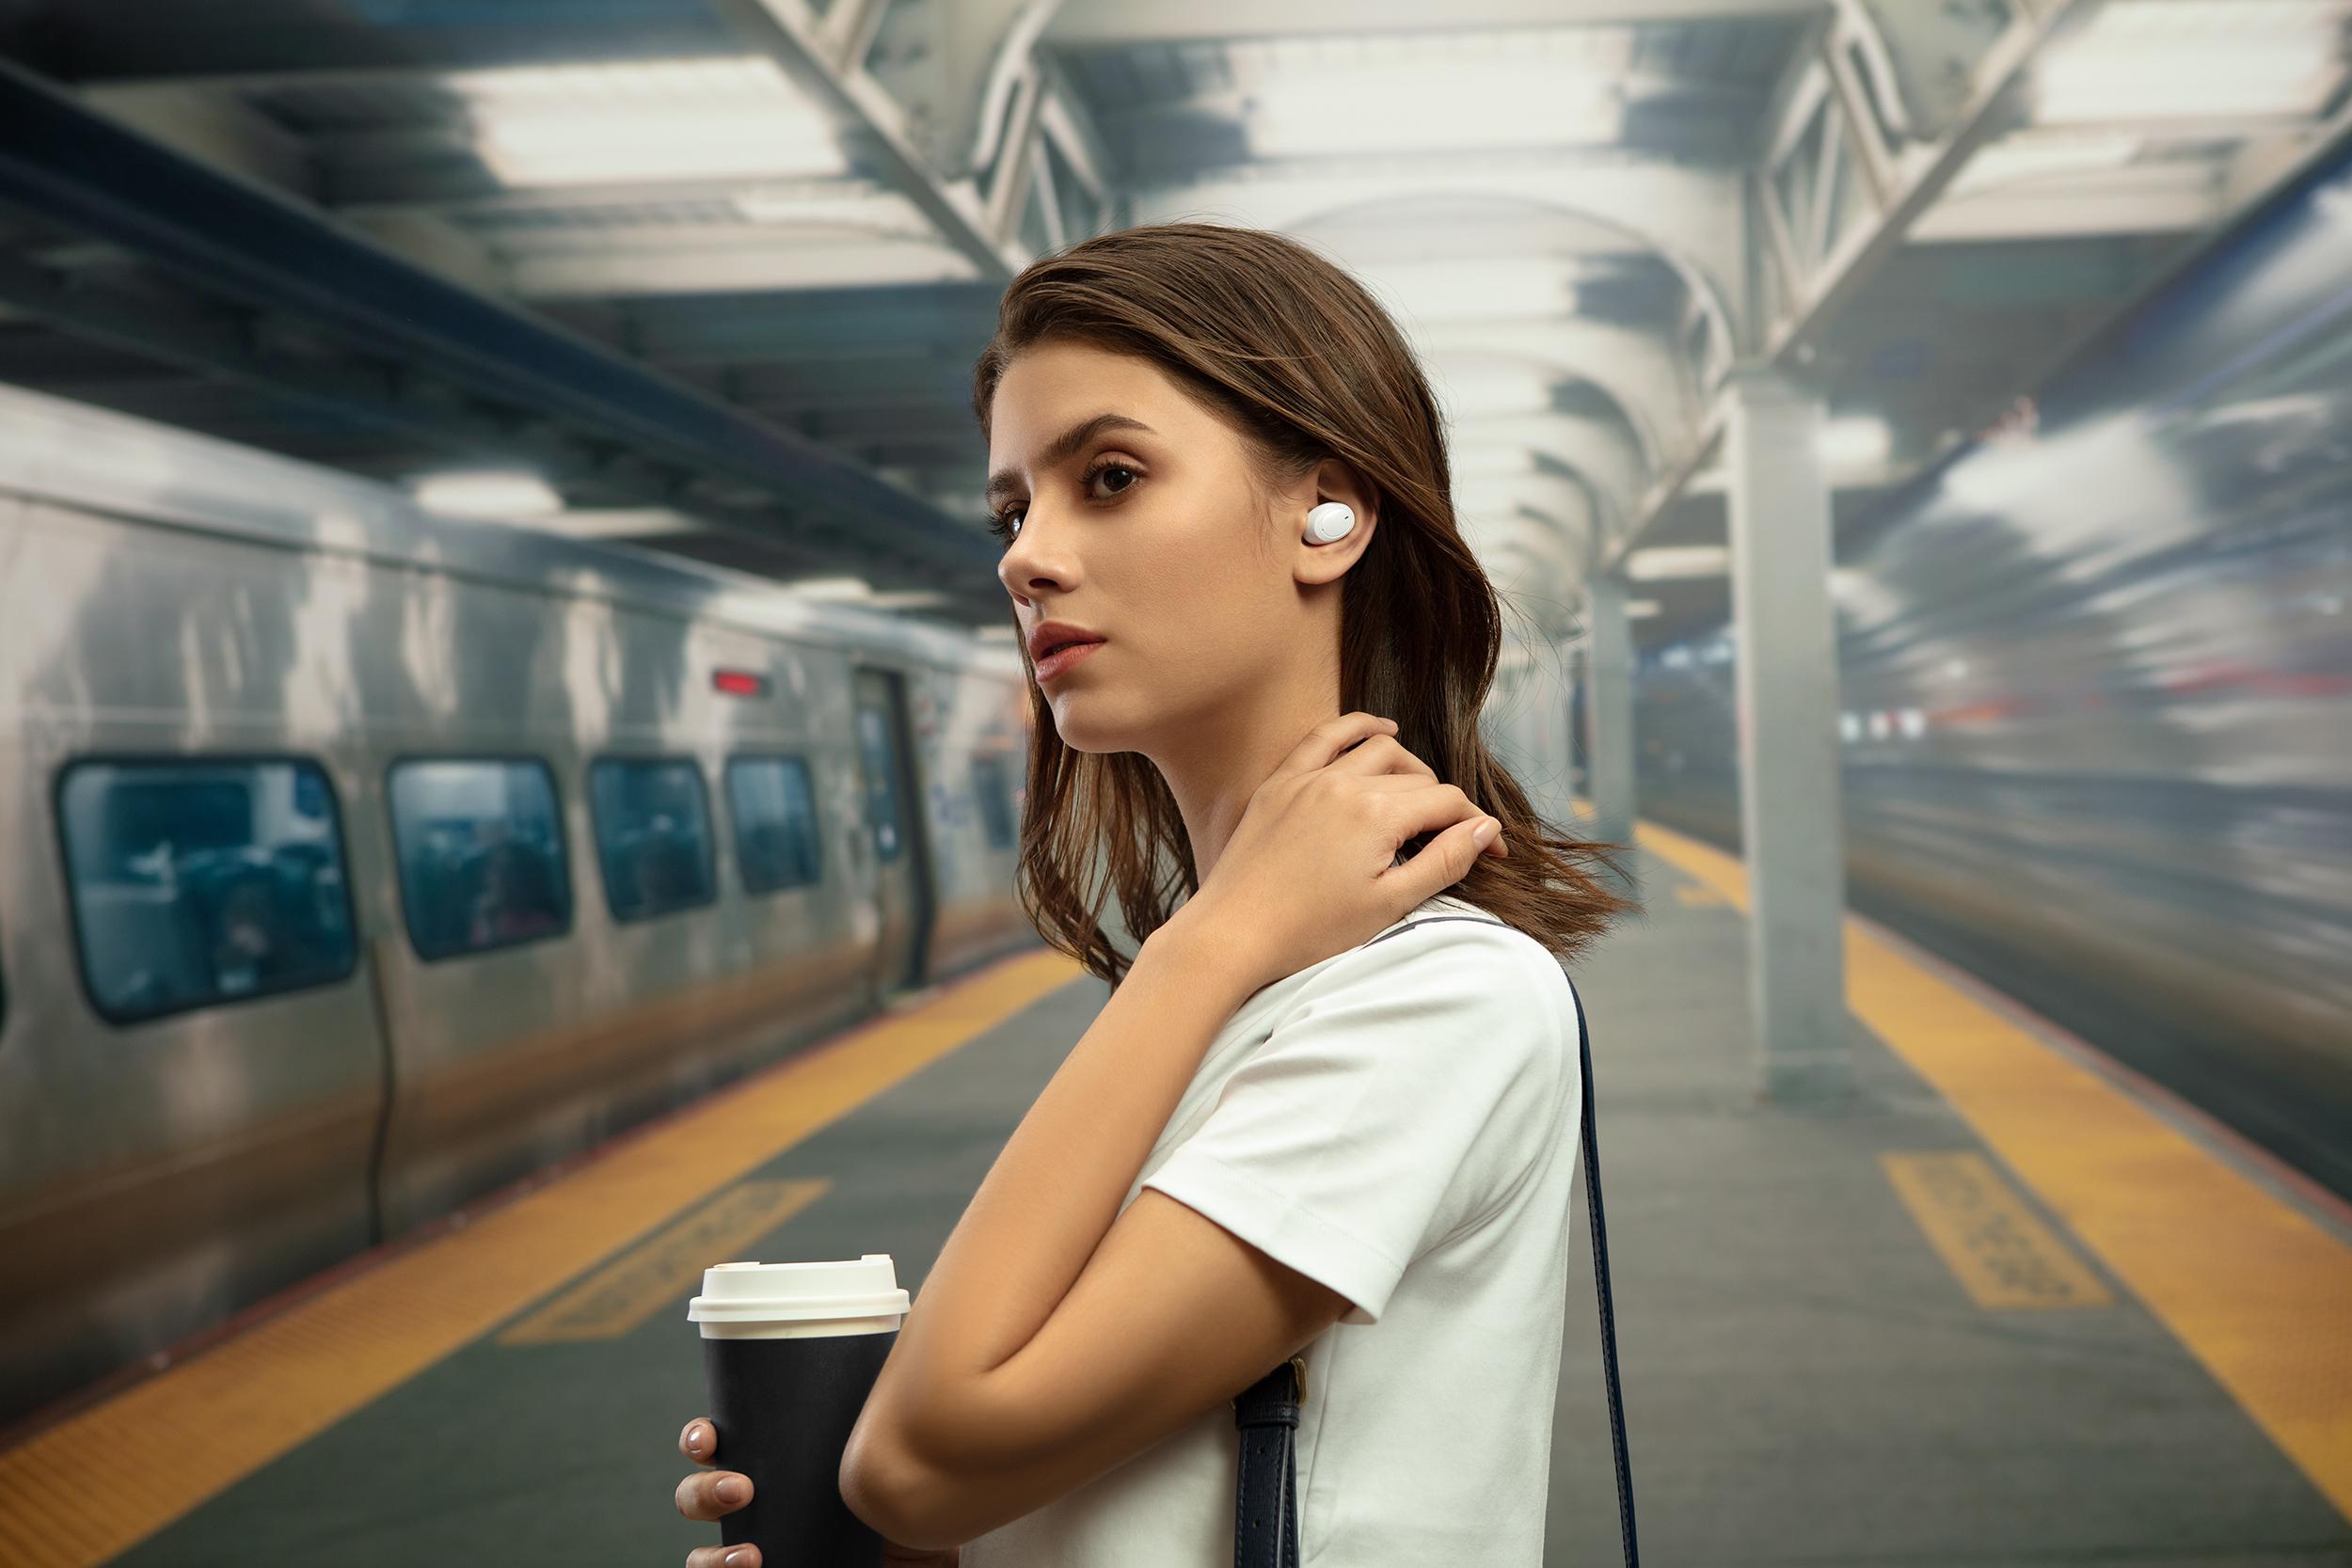 OPPO Enco W11採用豆狀入耳式設計,配戴時不只更穩固且隔音效果更佳。